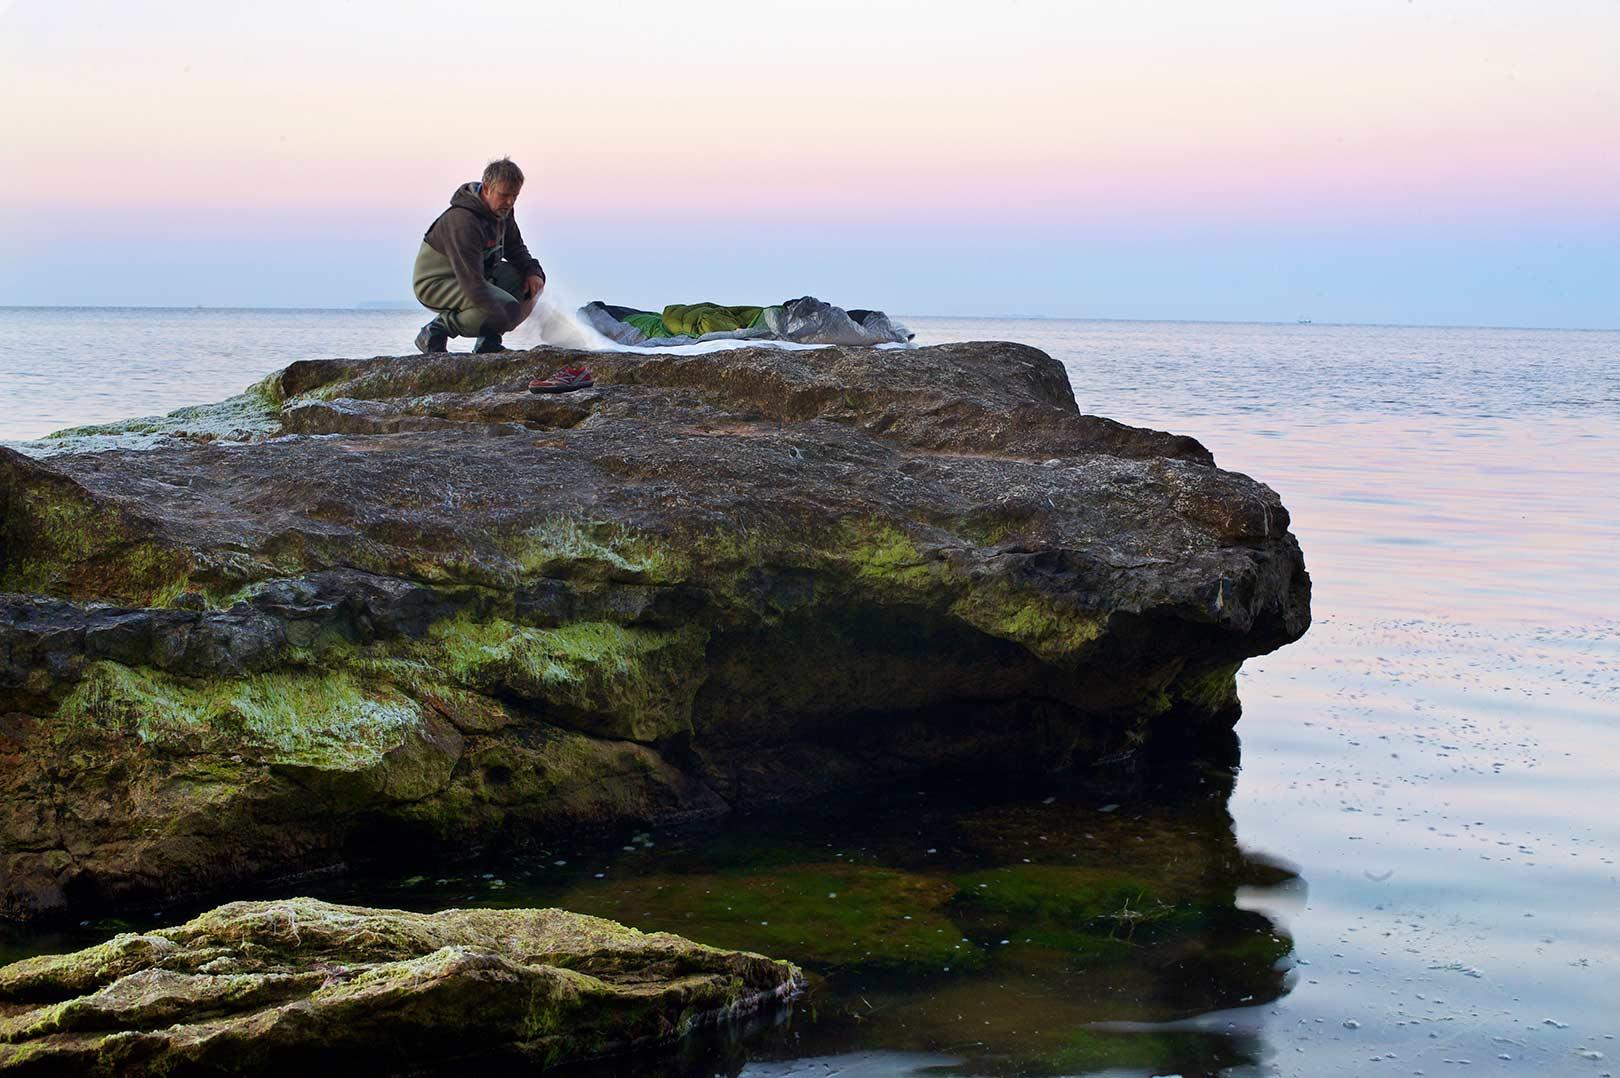 Når du overnatter under åben himmel på kyusten kan det selv på en forårs eller sommernat godt blive koldt og fugtigt. En god soveposer er derfor vigtig, hvis du skal have en komfortabel nat og være klar til det helt tidlige morgenfiskeri.